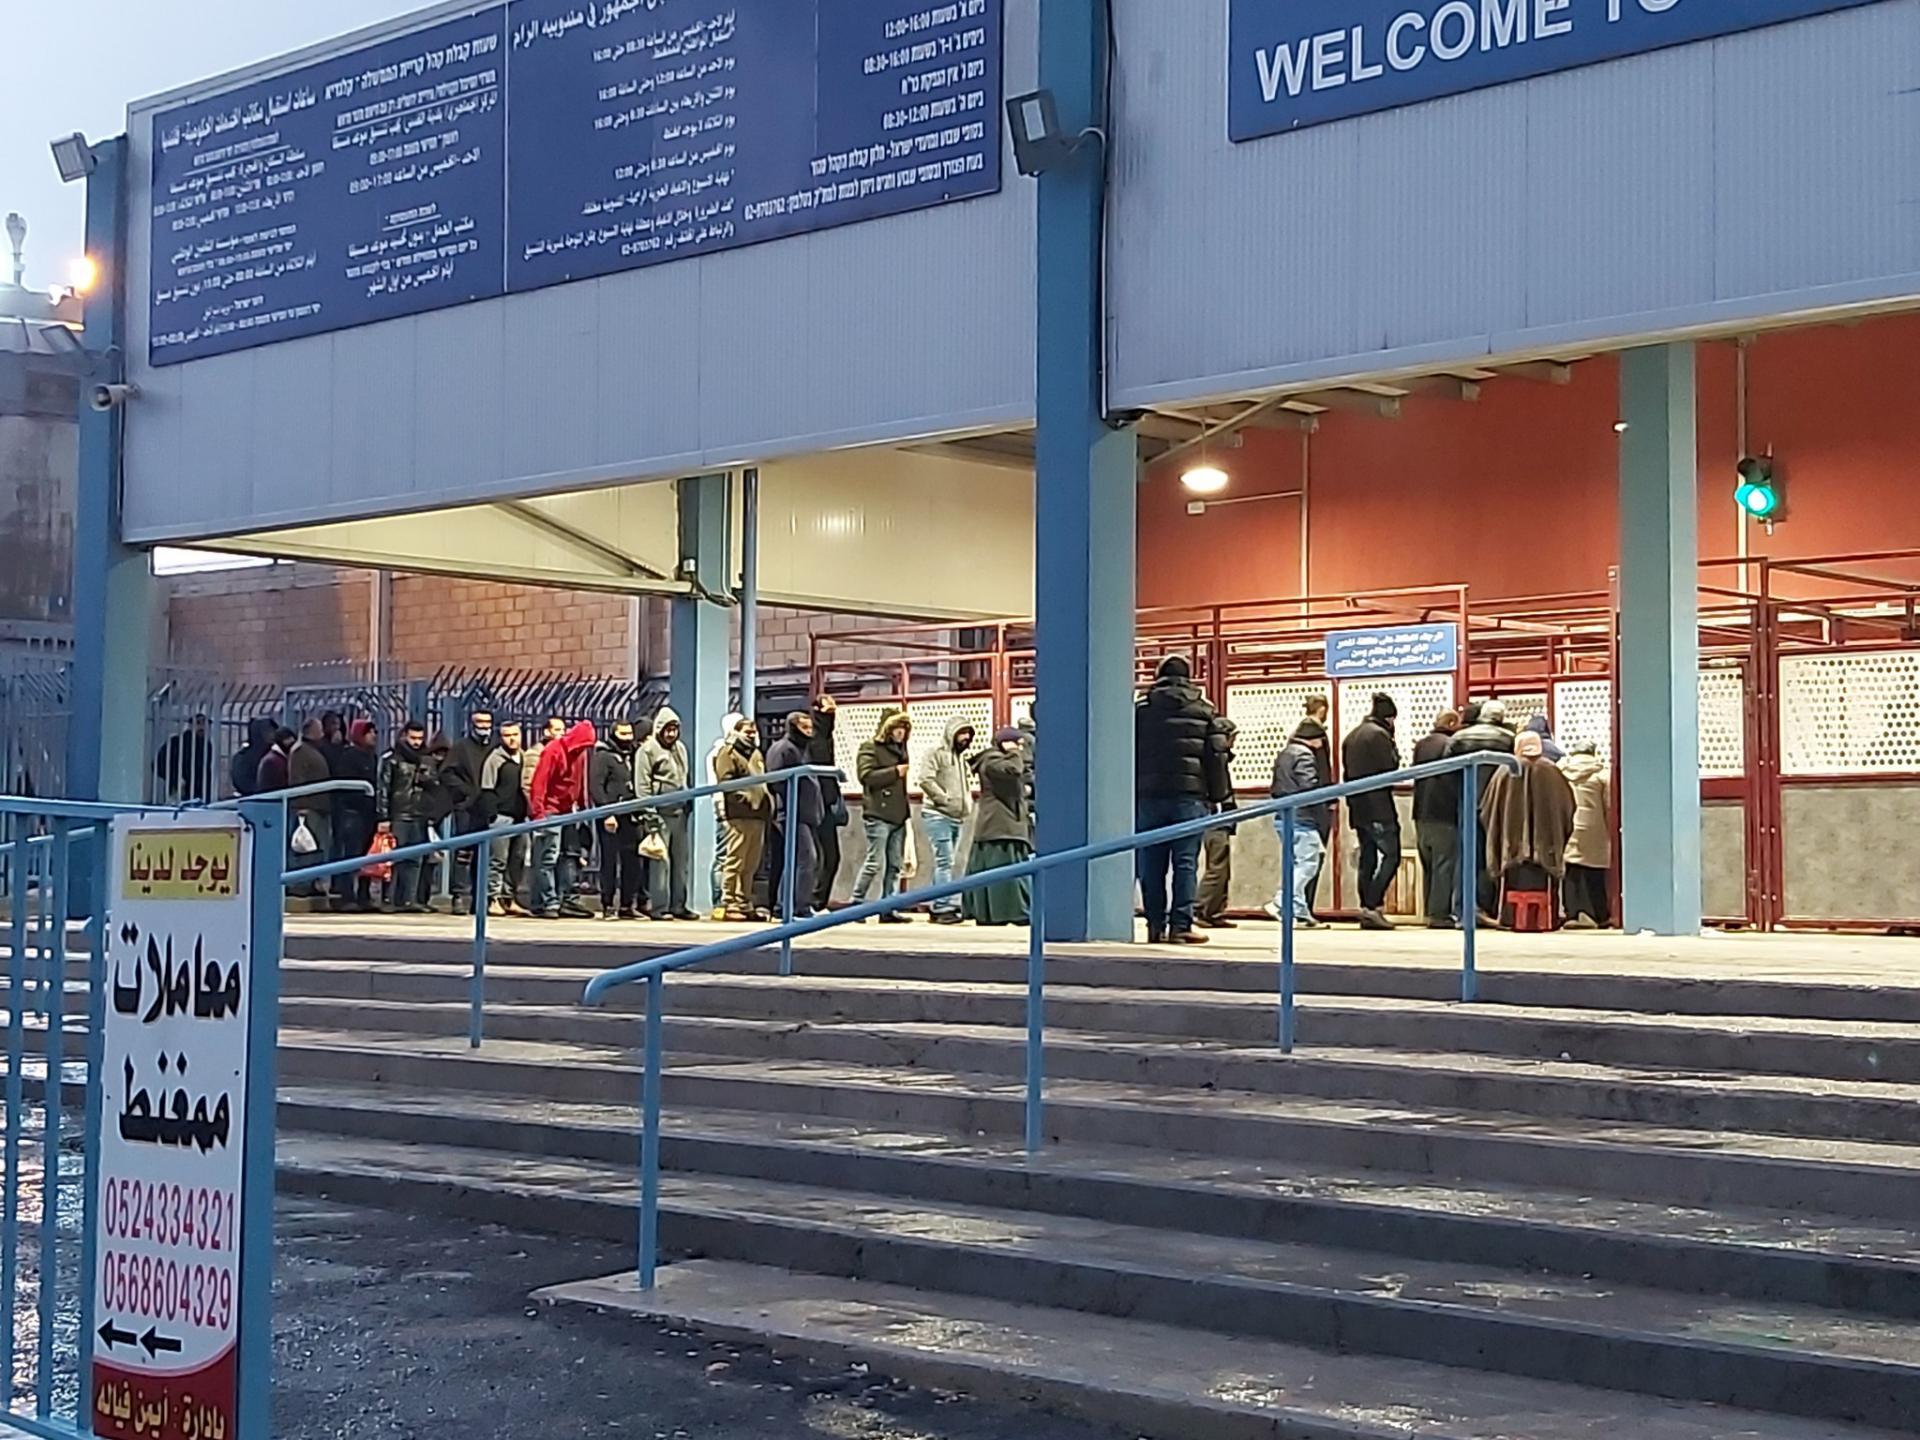 שוב תורים משתרכים אל מחוץ לסככה במחסום קלנדיה